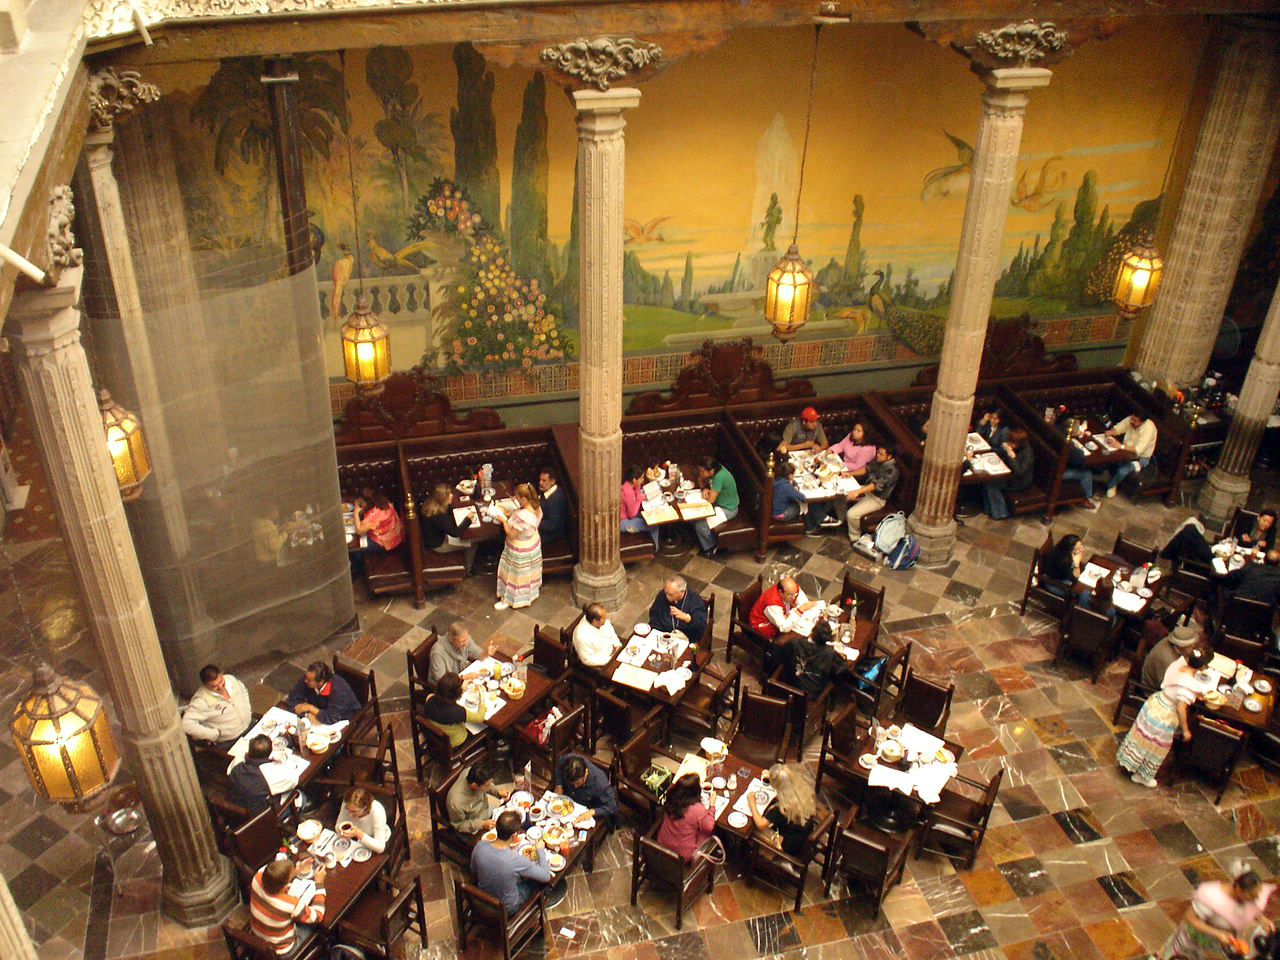 File:VISTA DESDE EL SEGUNDO PISO DE LA CAFETERIA.jpg - Wikimedia ...